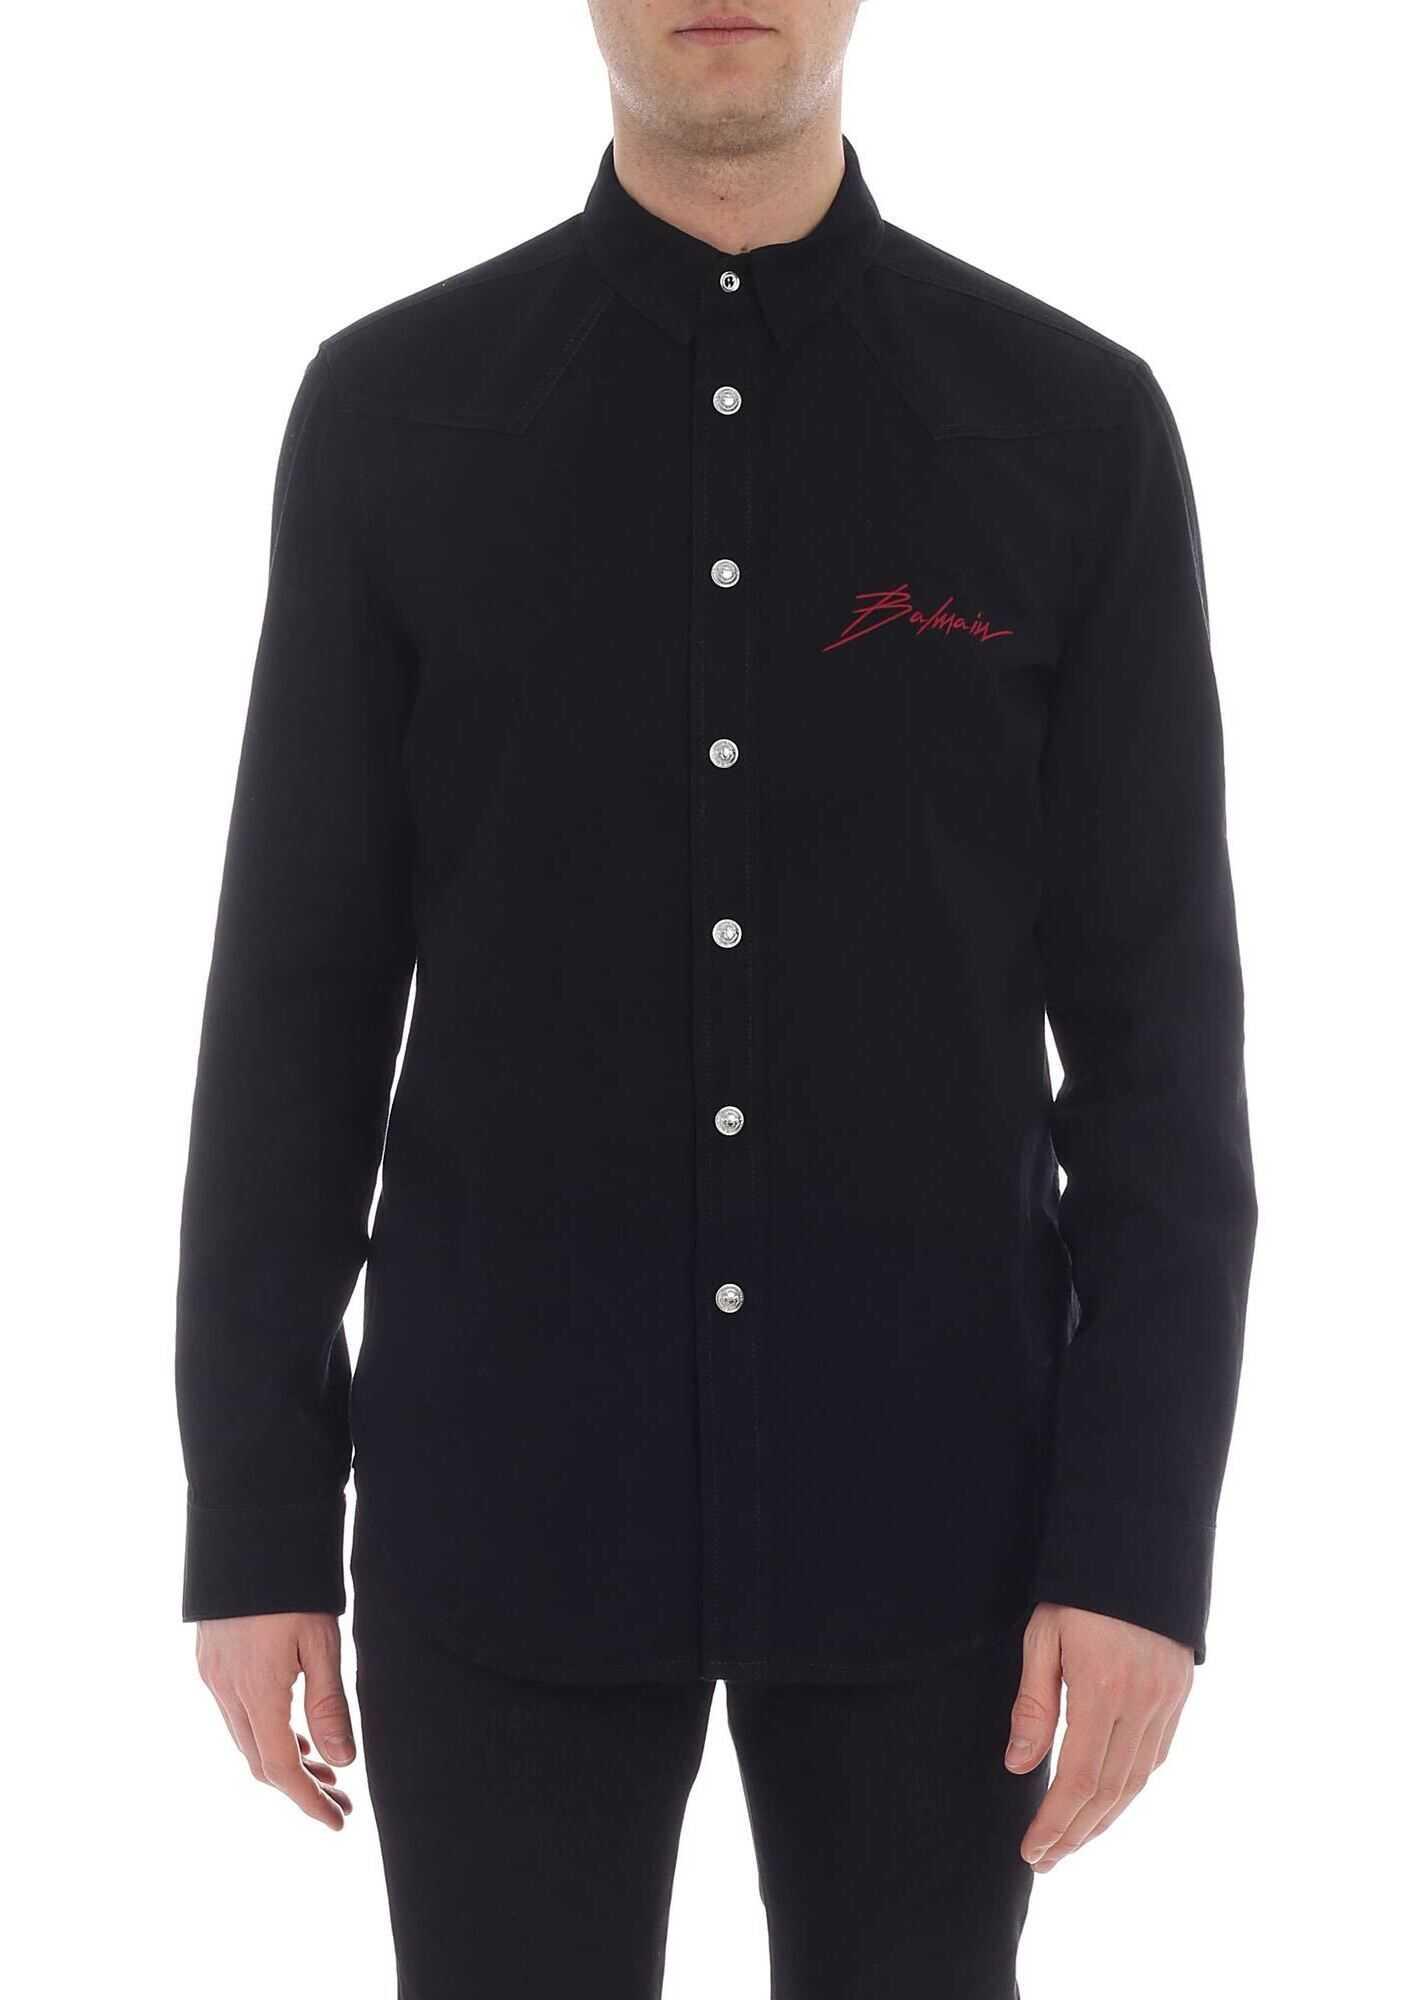 Balmain Black Denim Shirt Black imagine